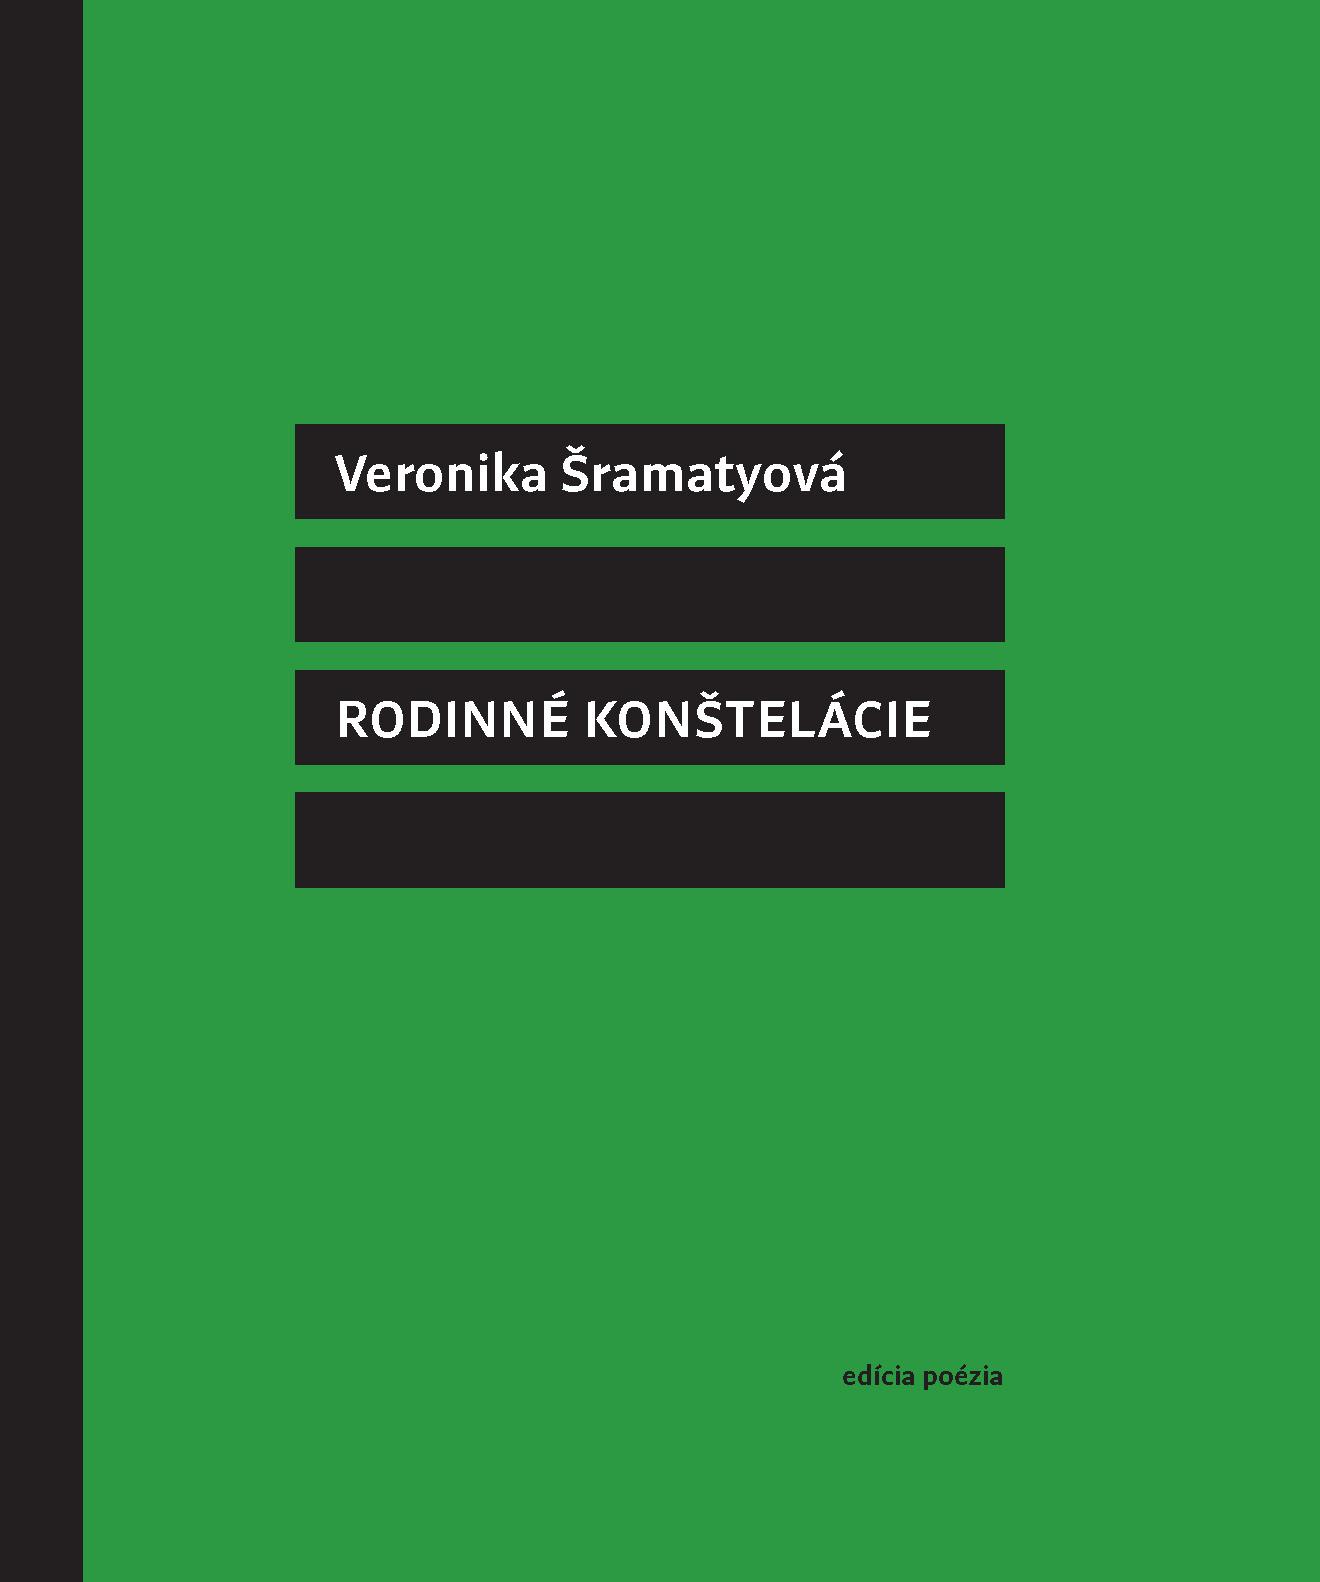 Veronika Šramatyová – RODINNÉ KONŠTELÁCIE